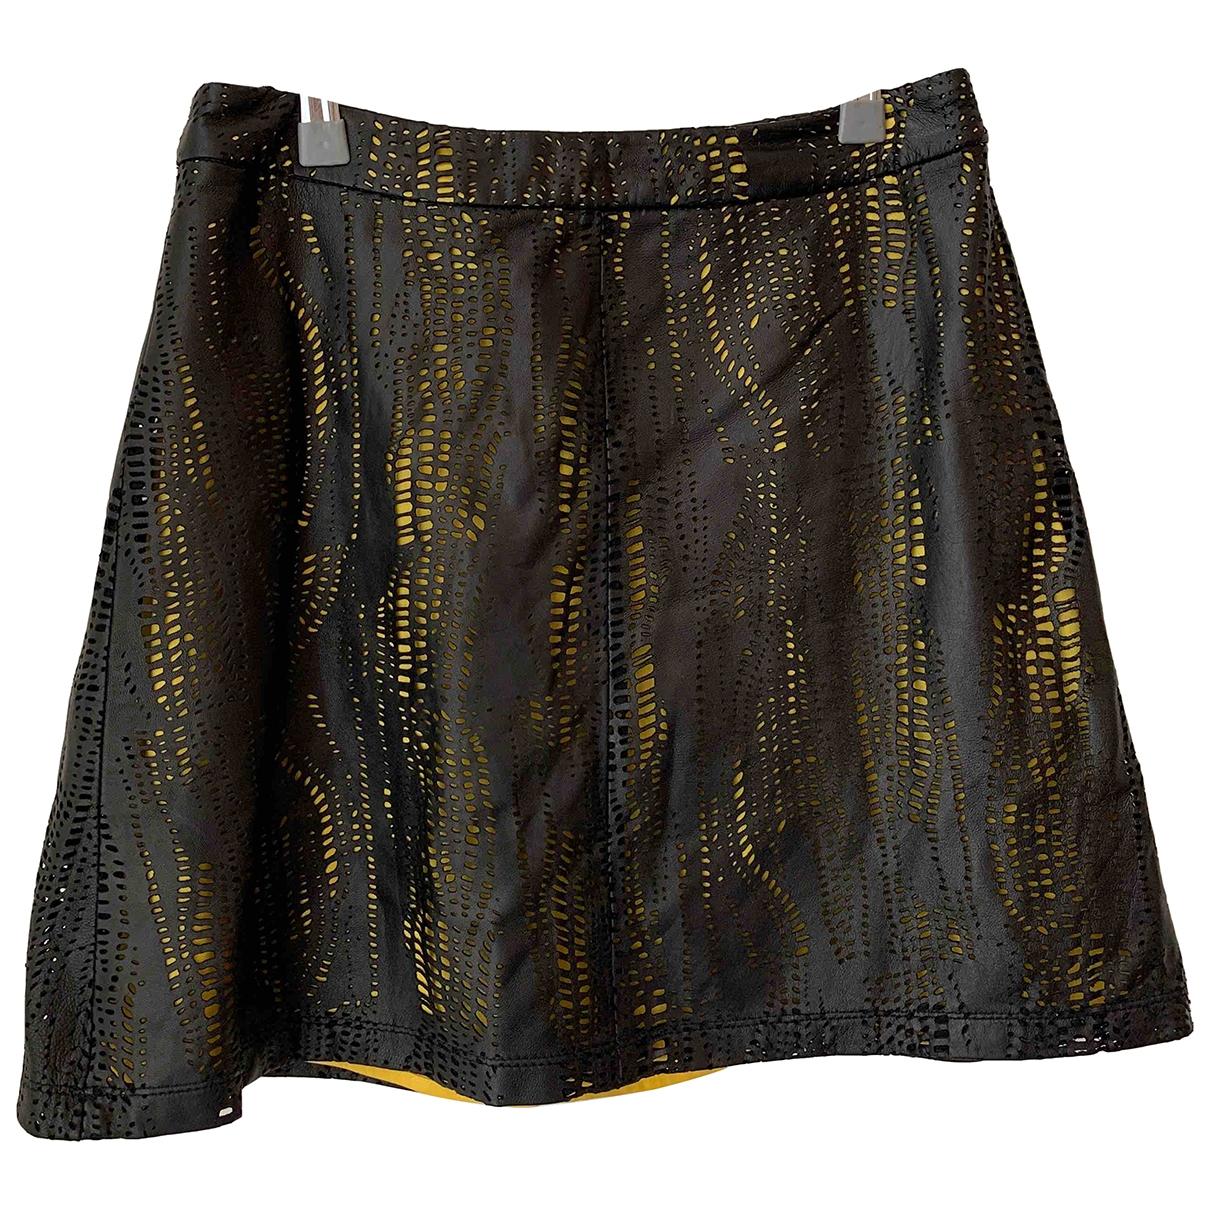 Alice & Olivia \N Black Leather skirt for Women 2 US